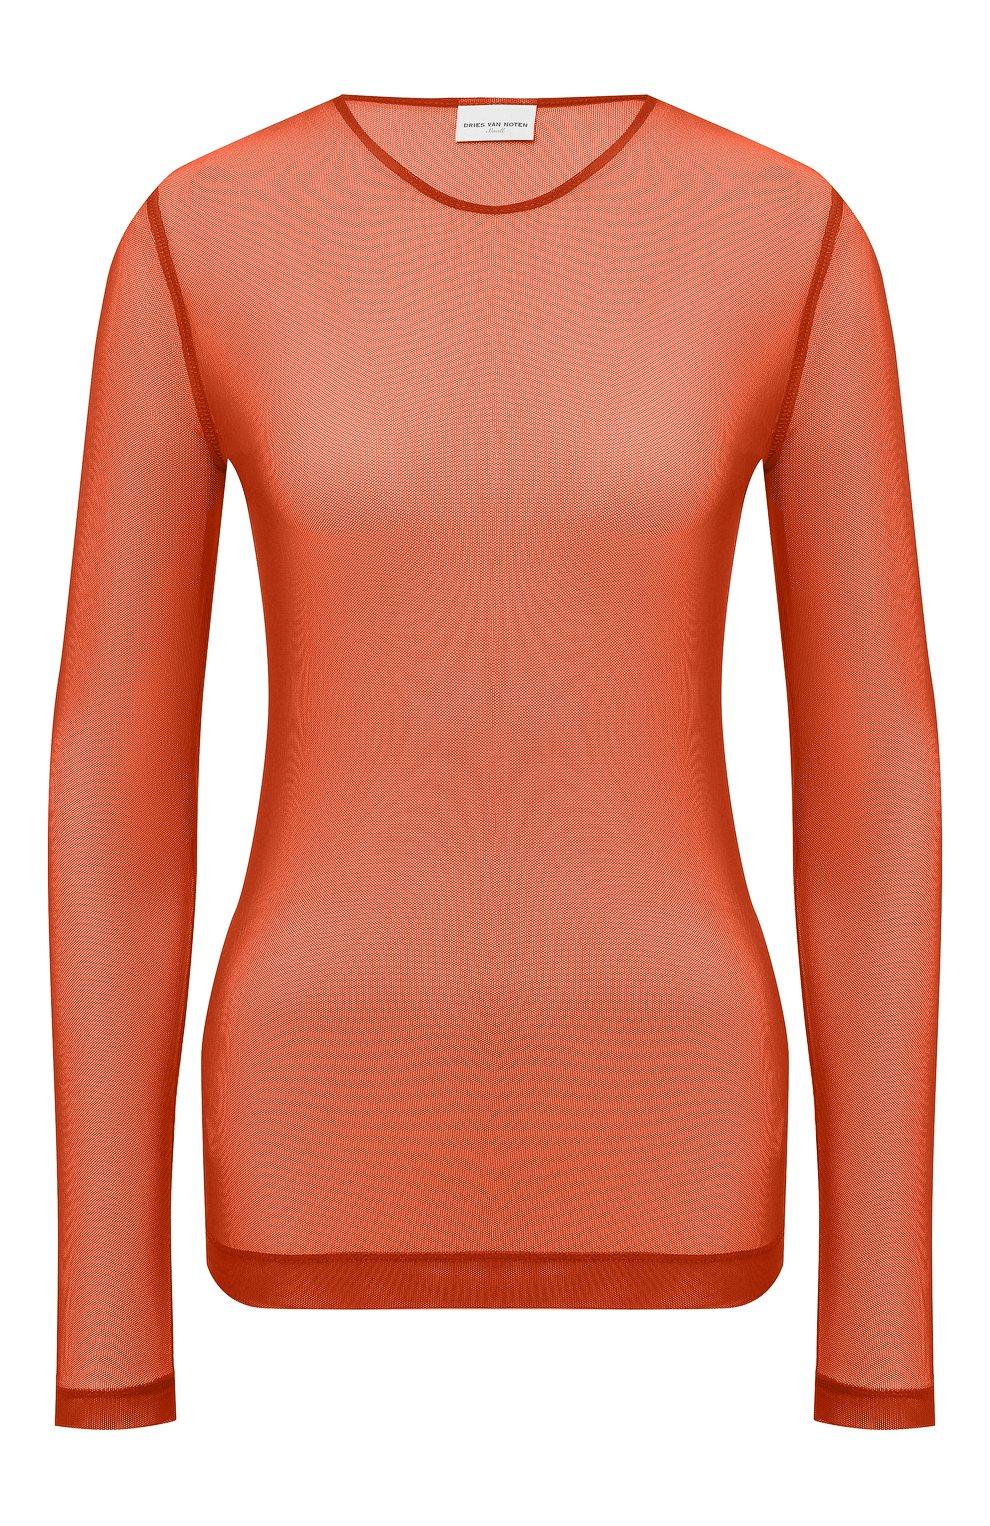 Женский топ DRIES VAN NOTEN оранжевого цвета, арт. 211-11141-2201 | Фото 1